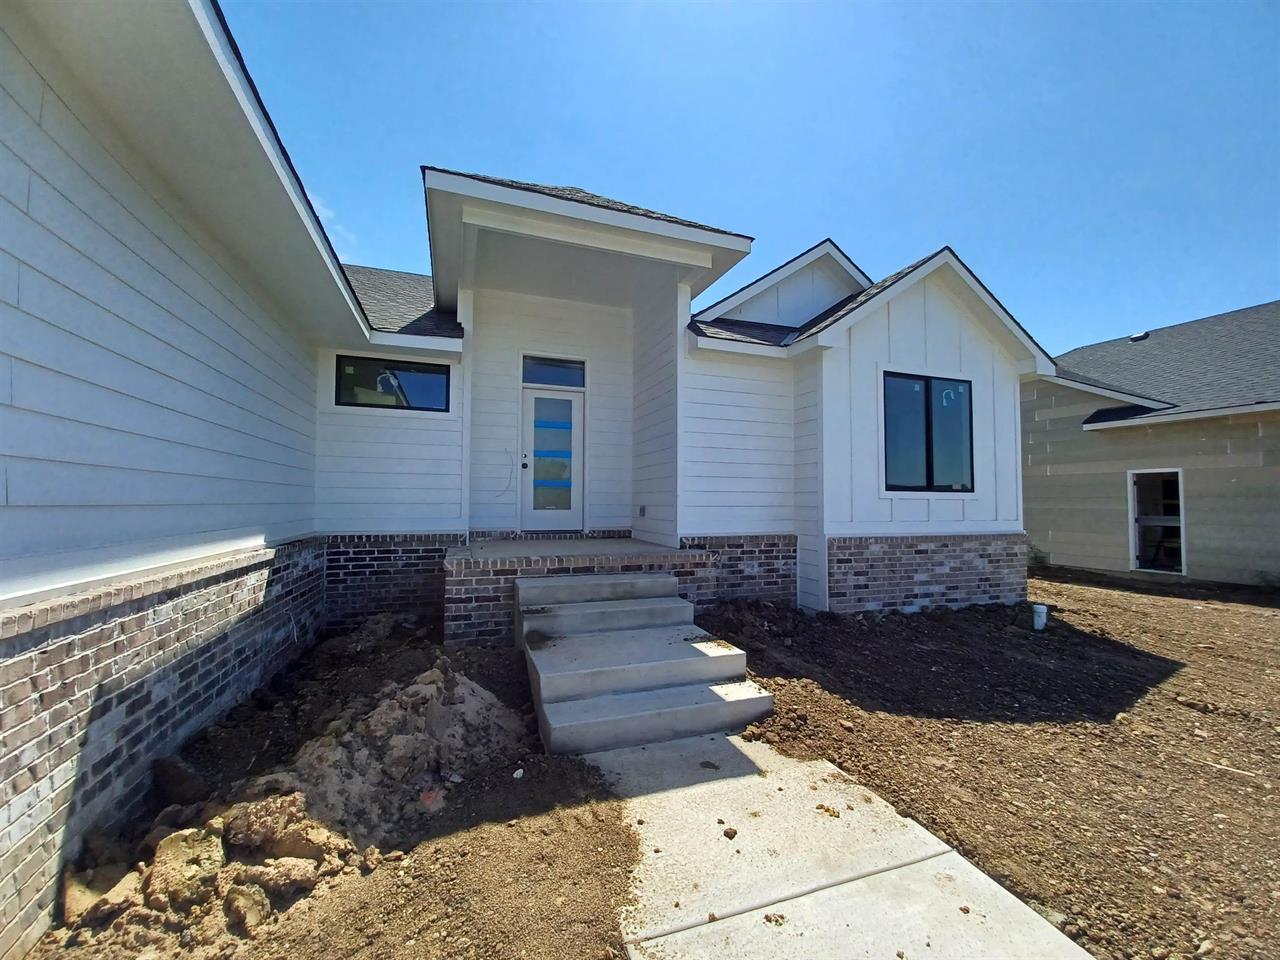 For Sale: 8317 E Bradford St, Wichita, KS 67210,